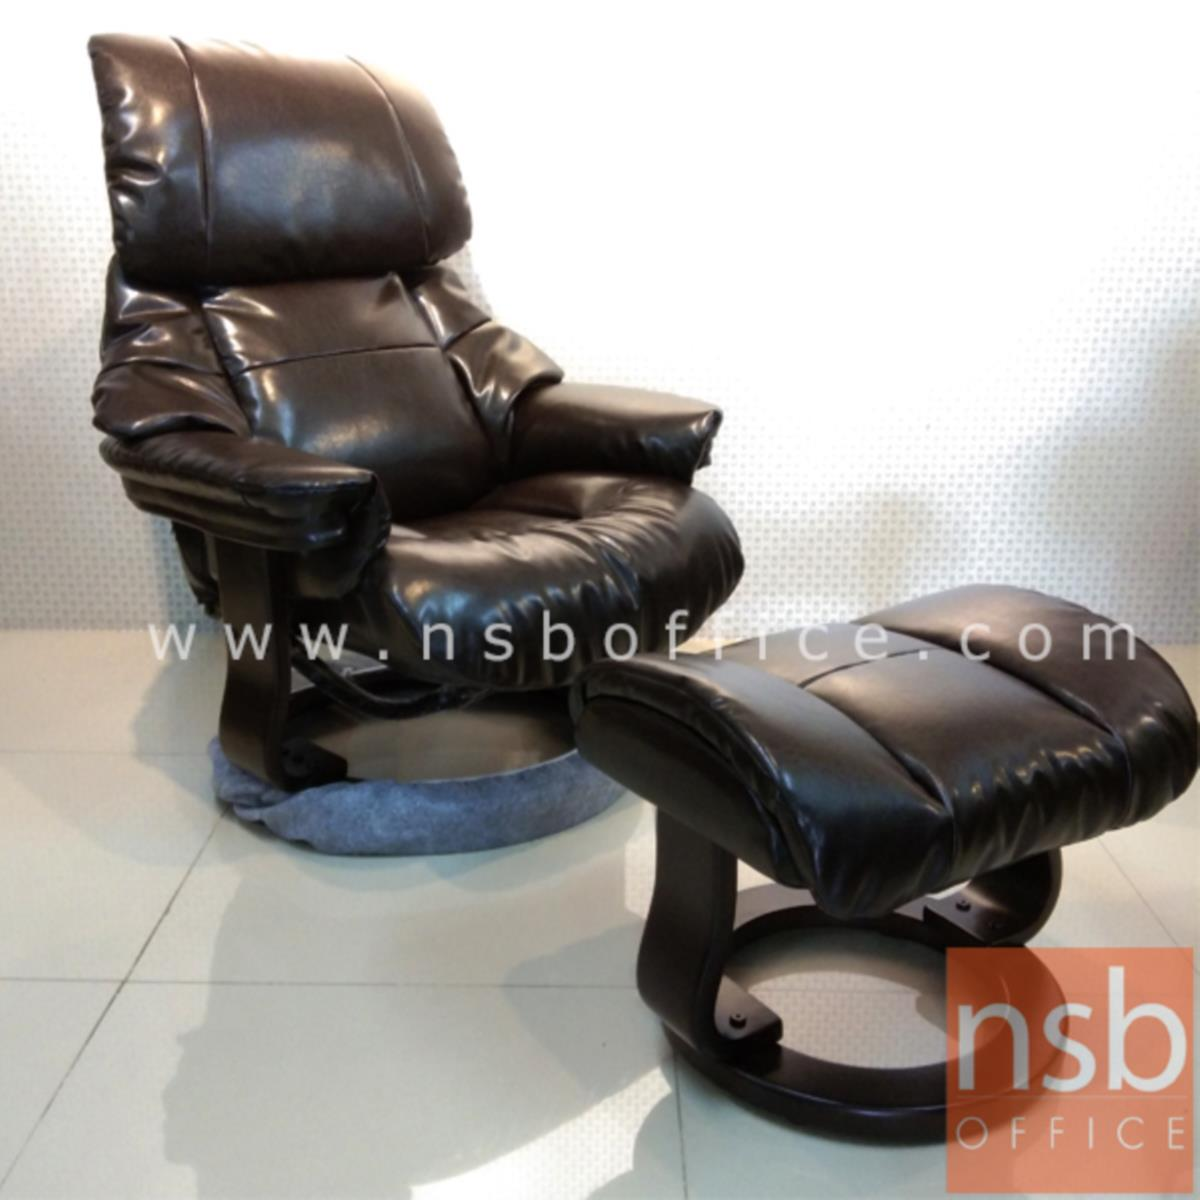 B15A027:เก้าอี้พักผ่อนหนังไบแคส  รุ่น Ritchie (ริตชี) ขนาด 80W cm. พร้อมที่วางเท้า